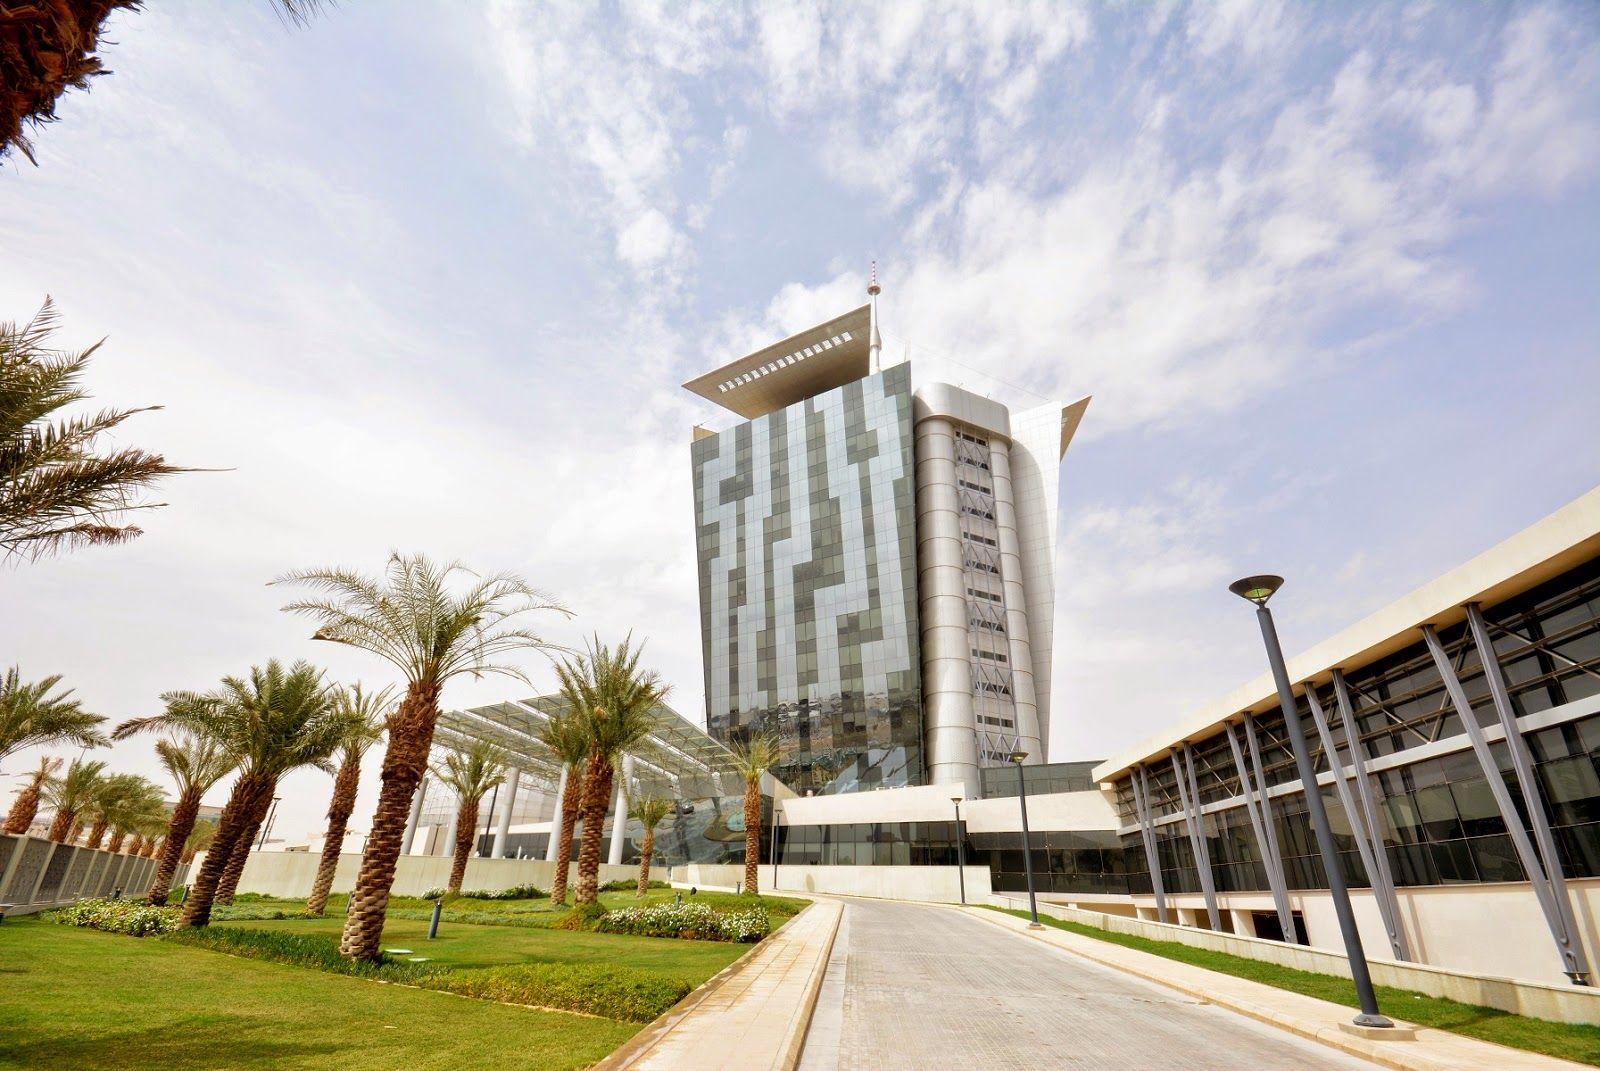 خلفيات عالية الدقة لأماكن جميلة في المملكة العربية السعودية مداد الجليد Landmarks Real Estate Building